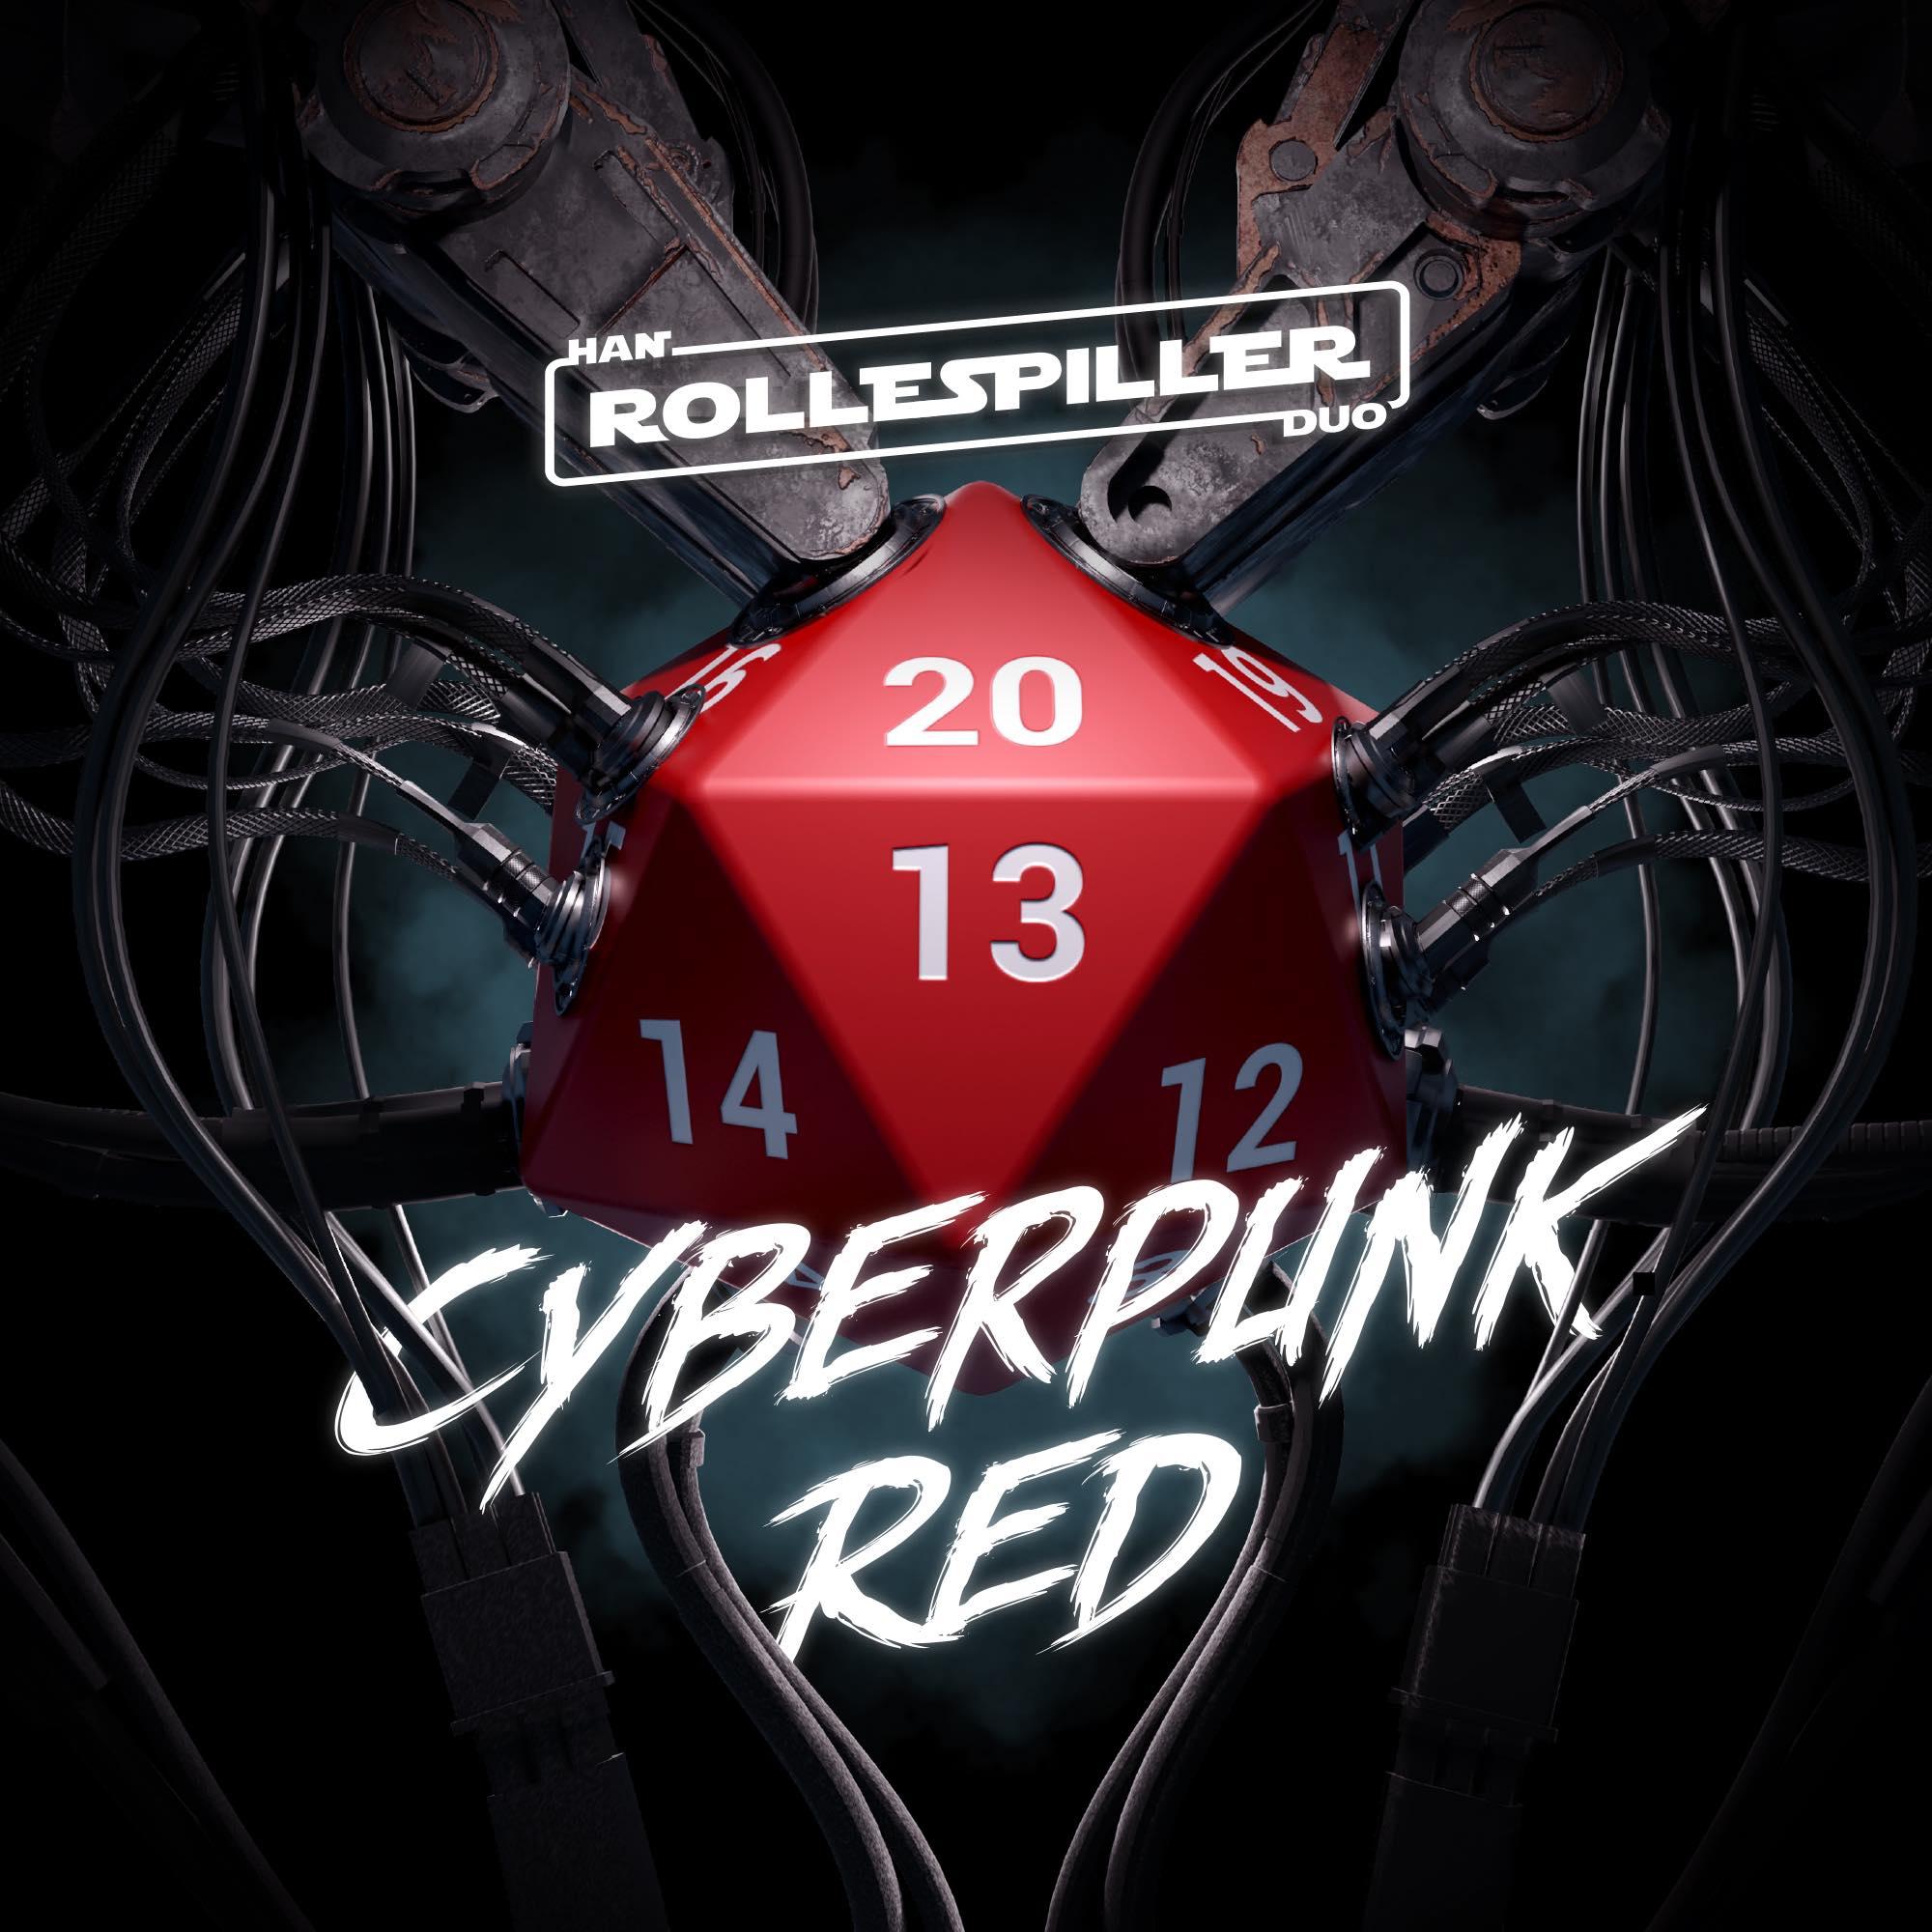 Cyberpunk Red 3:5